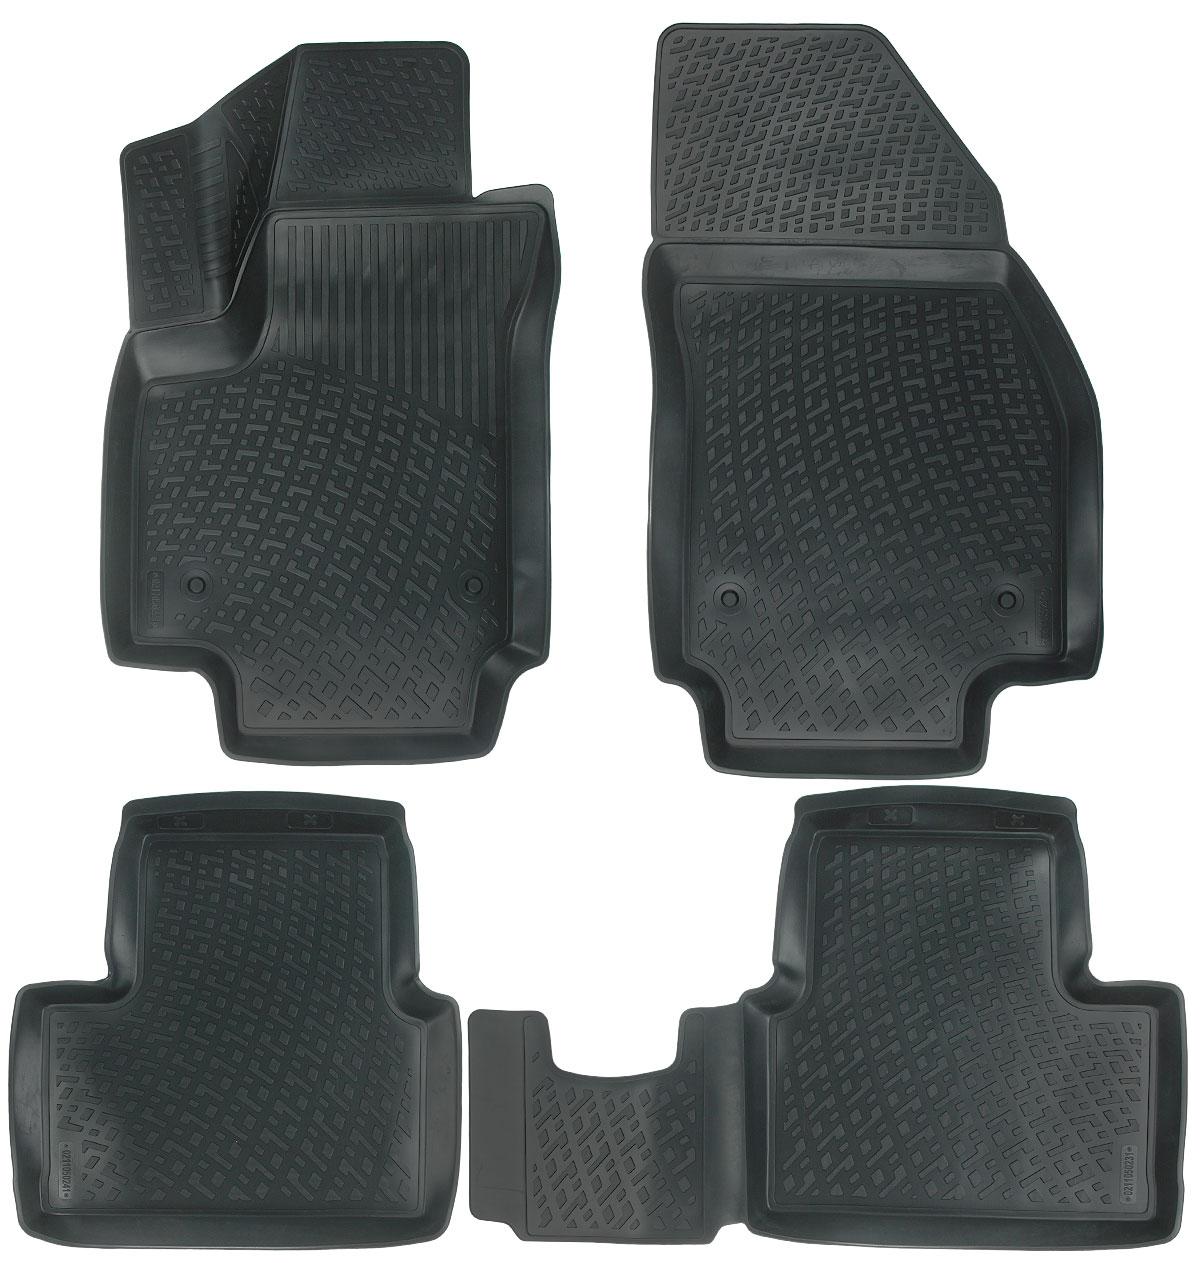 Набор автомобильных ковриков L.Locker Opel Meriva B 2010, в салон, 4 штWT-CD37Набор L.Locker Opel Meriva B 2010, изготовленный из полиуретана, состоит из 4 антискользящих 3D ковриков, которые производятся индивидуально для каждой модели автомобиля. Изделие точно повторяет геометрию пола автомобиля, имеет высокий борт, обладает повышенной износоустойчивостью, лишено резкого запаха и сохраняет свои потребительские свойства в широком диапазоне температур от -50°С до +50°С.Комплектация: 4 шт.Размер ковриков: 91 см х 53,5 см; 53 см х 86 см; 53 см х 54 см; 53 см х 86 см.